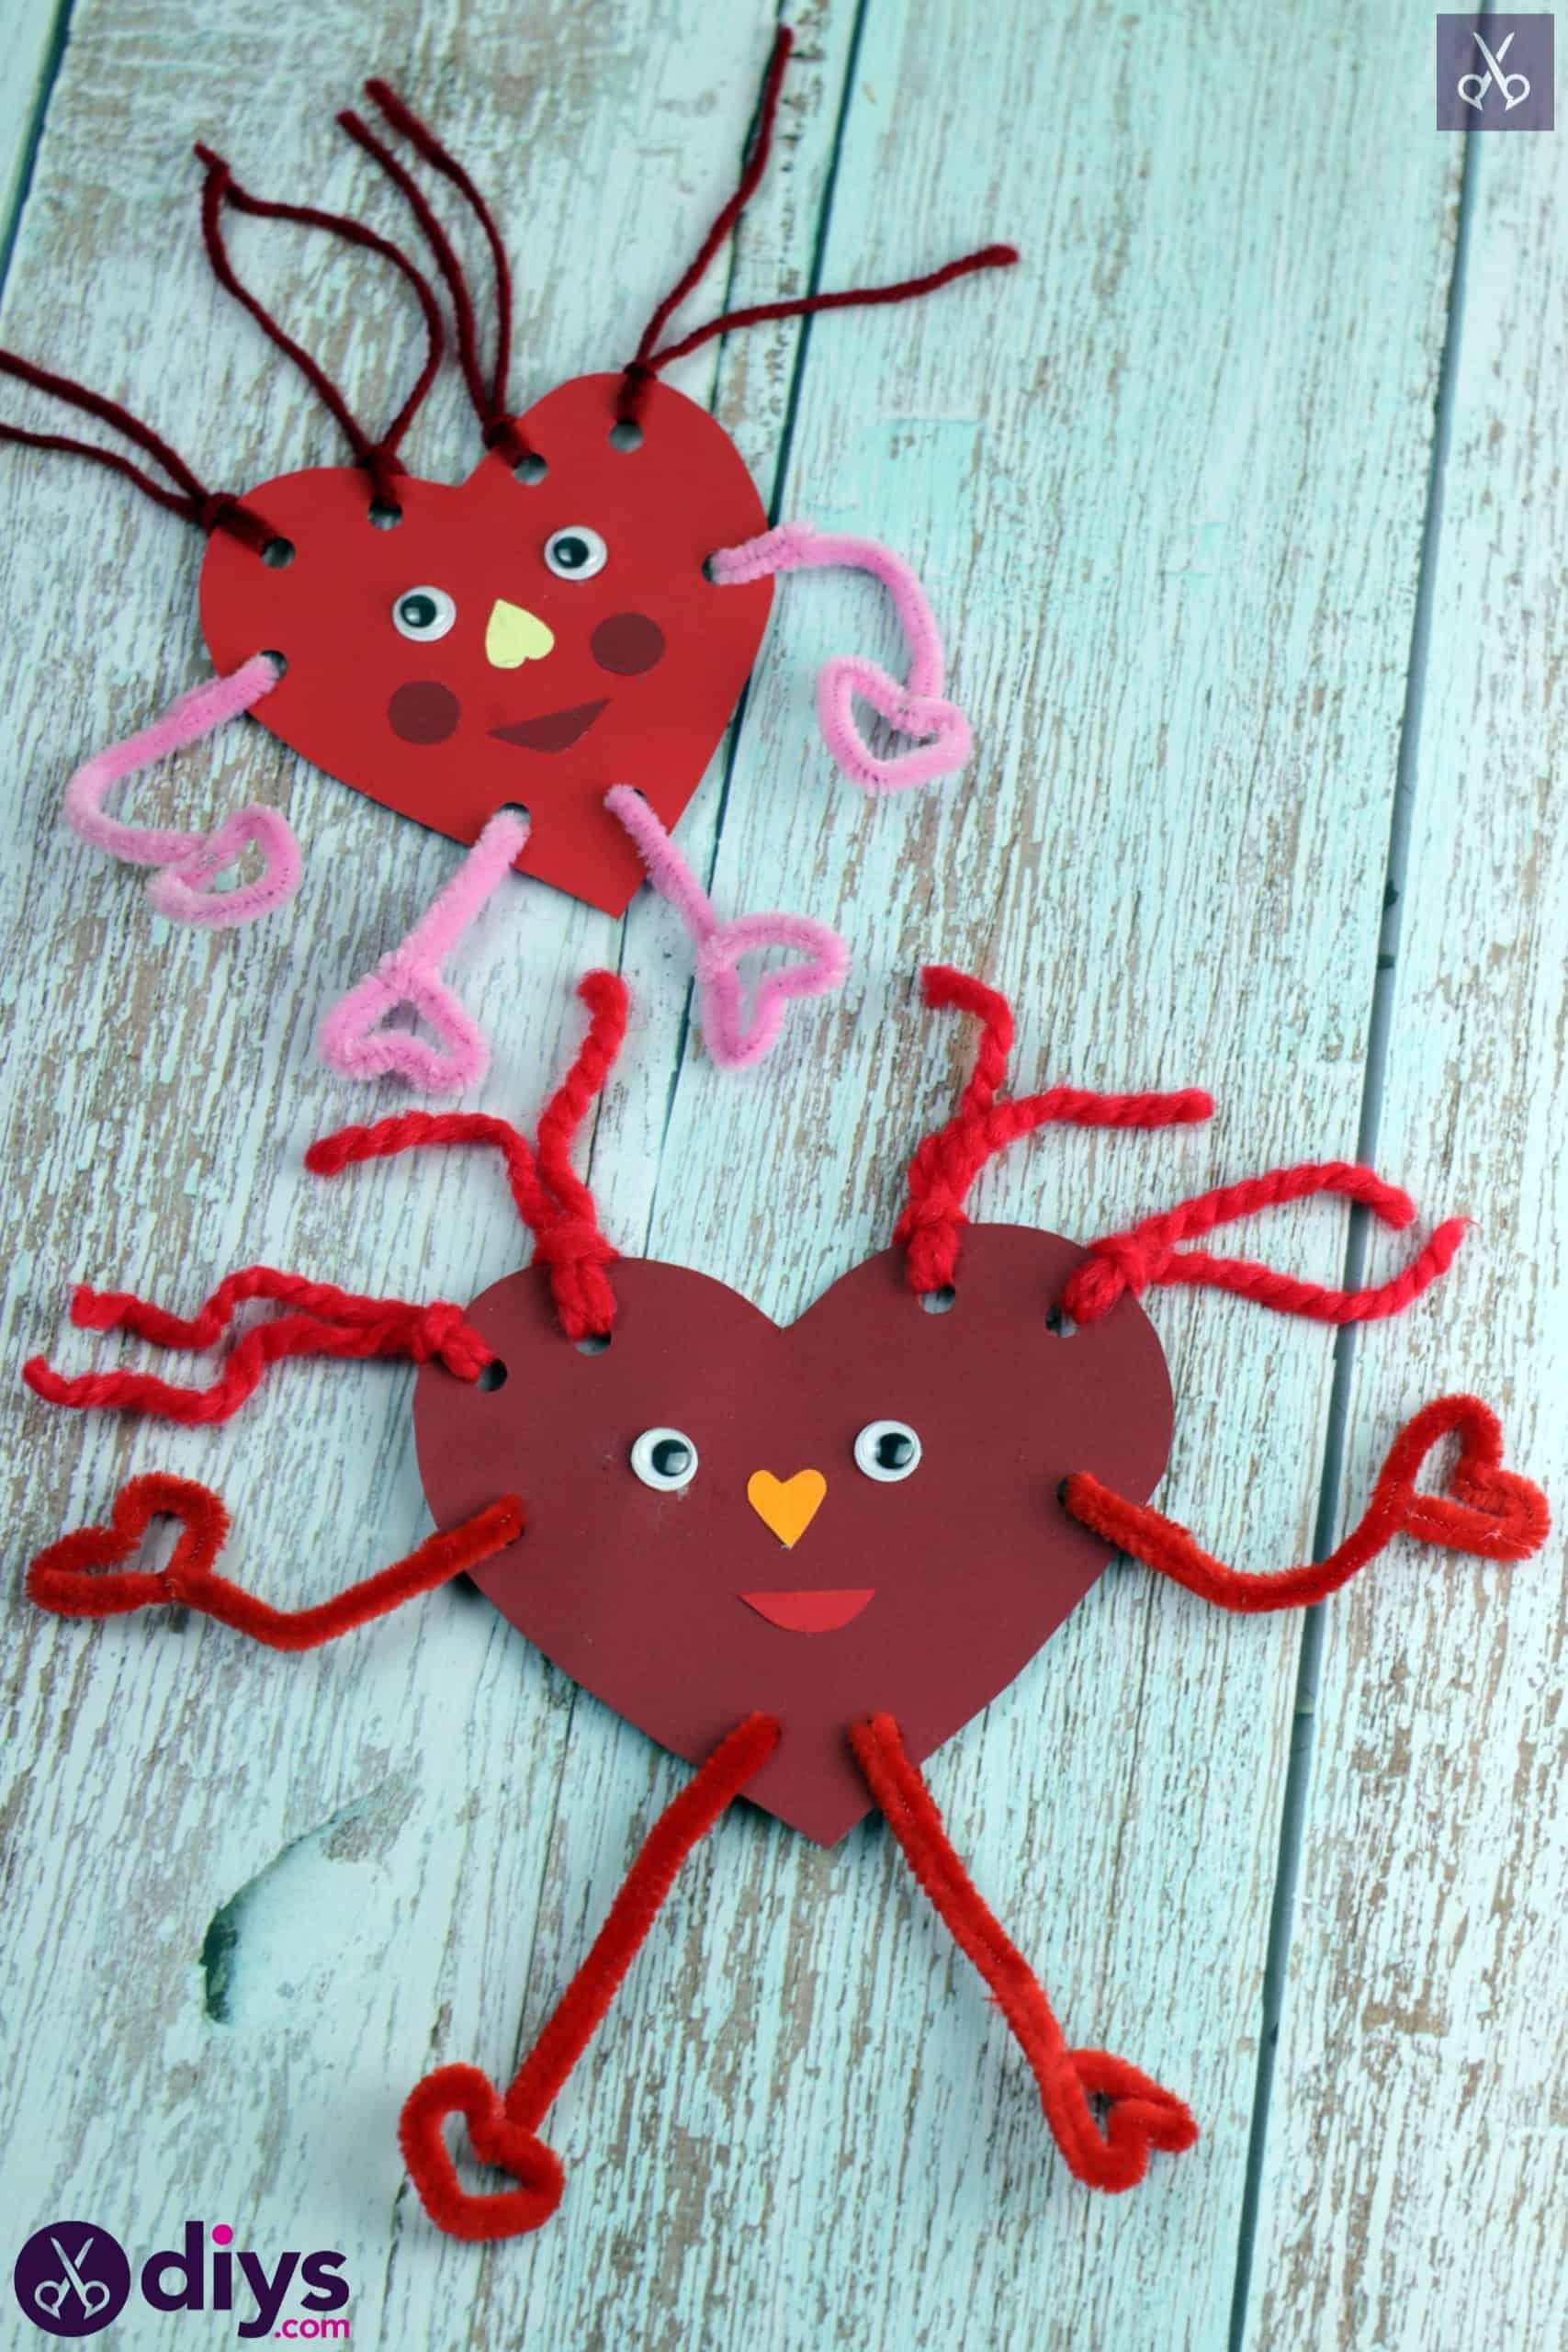 Paper valentine creatured craft for kids